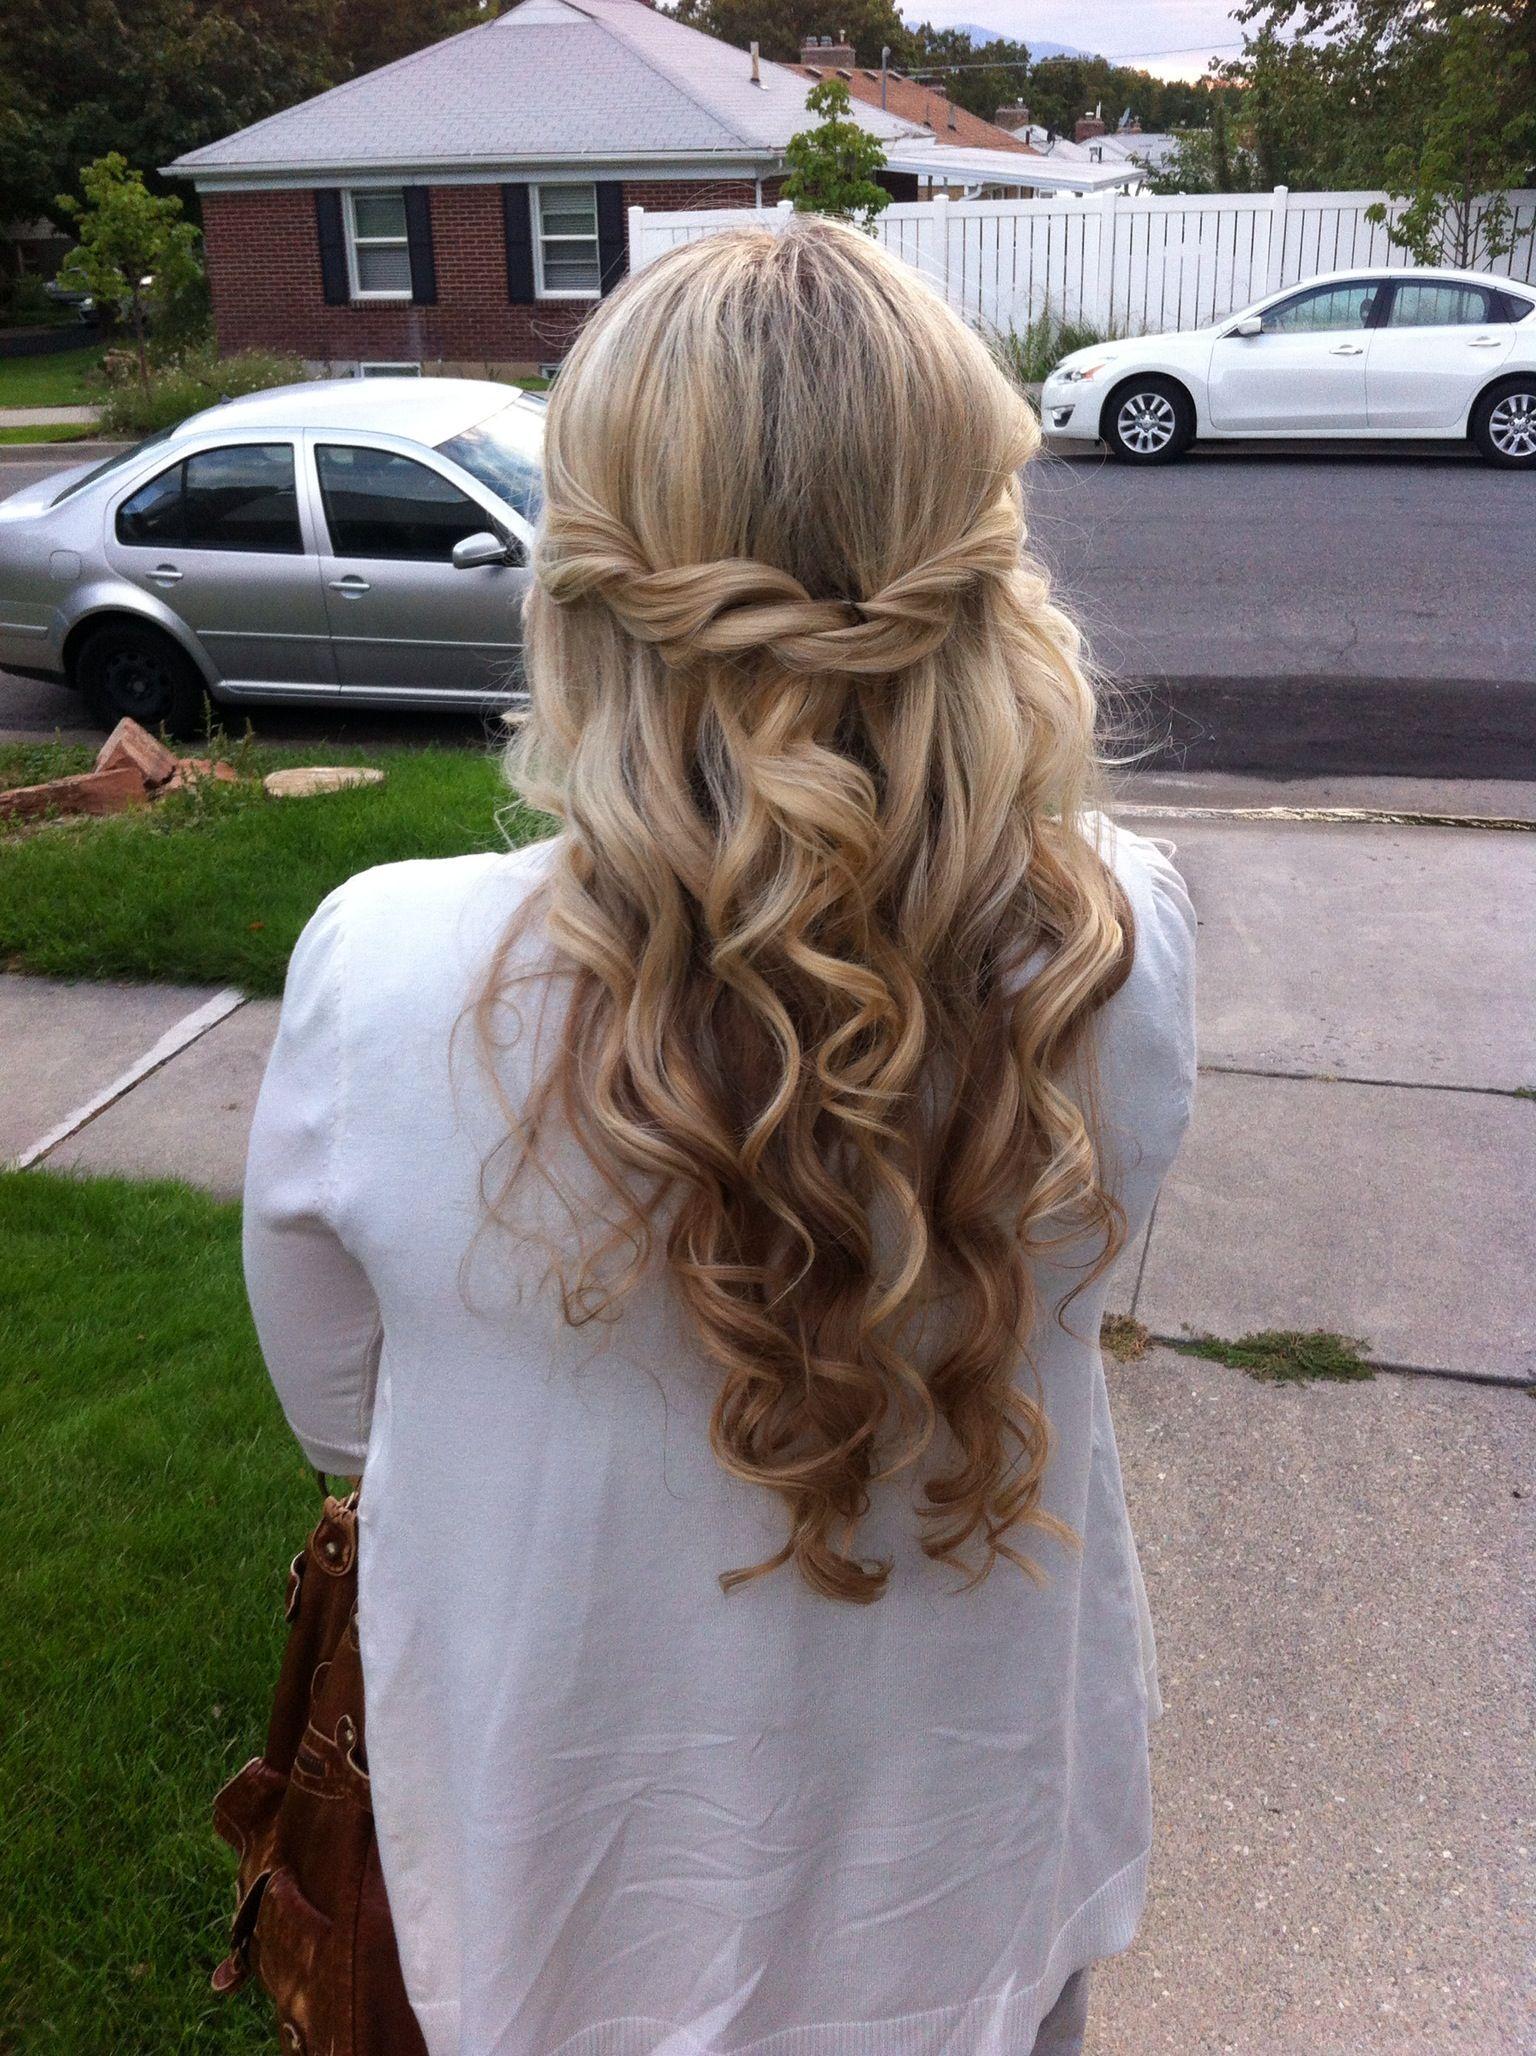 Long curls ndsayleehairspot pinterest